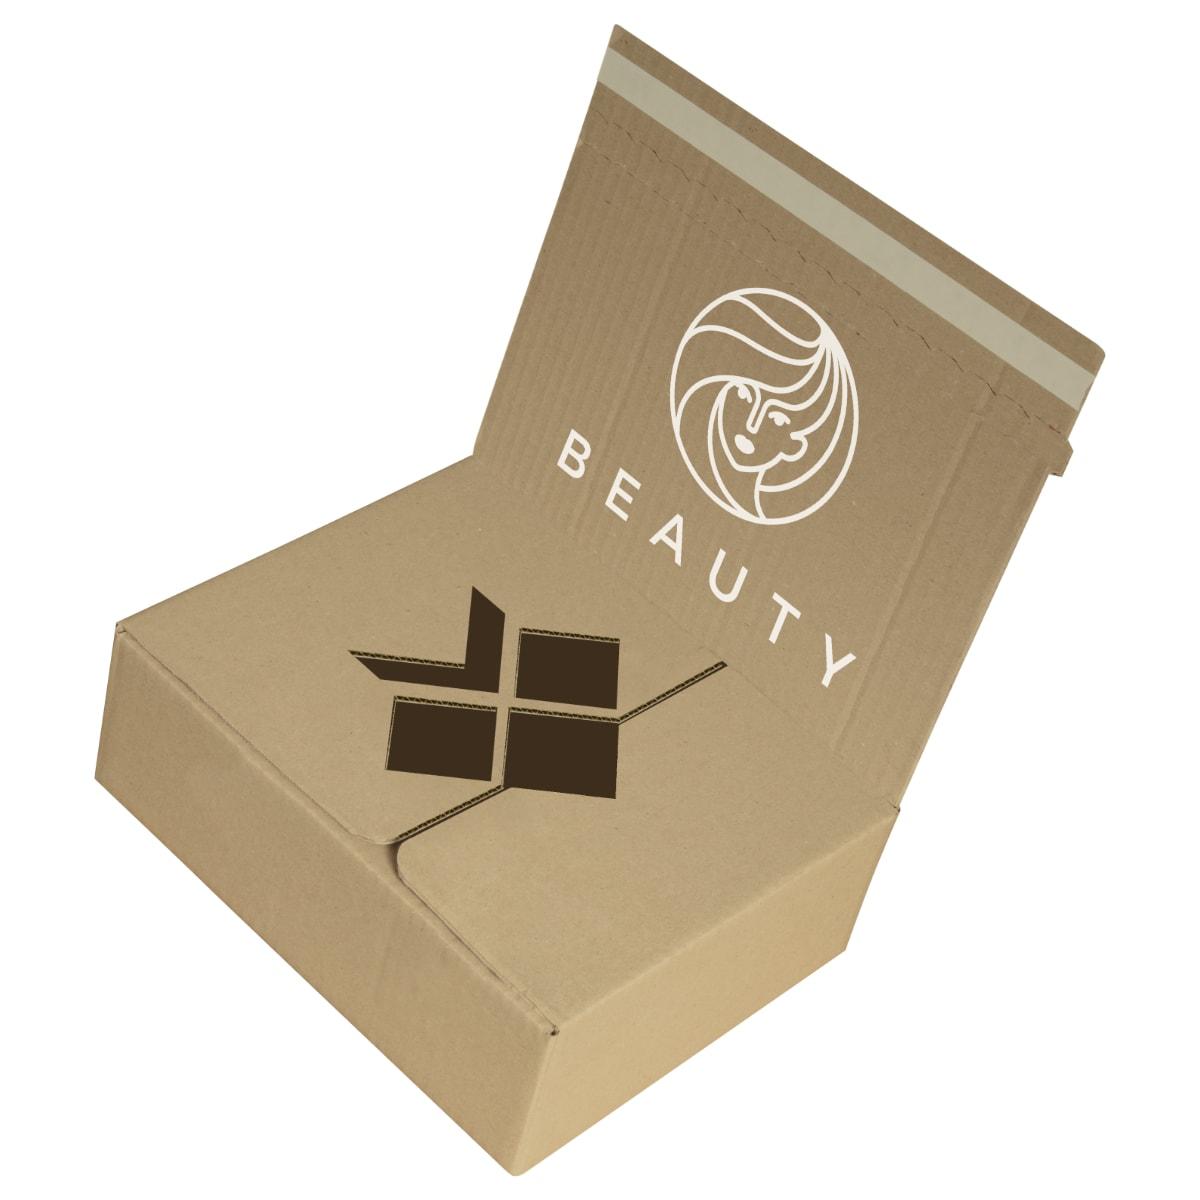 Self-Sealing Boxes